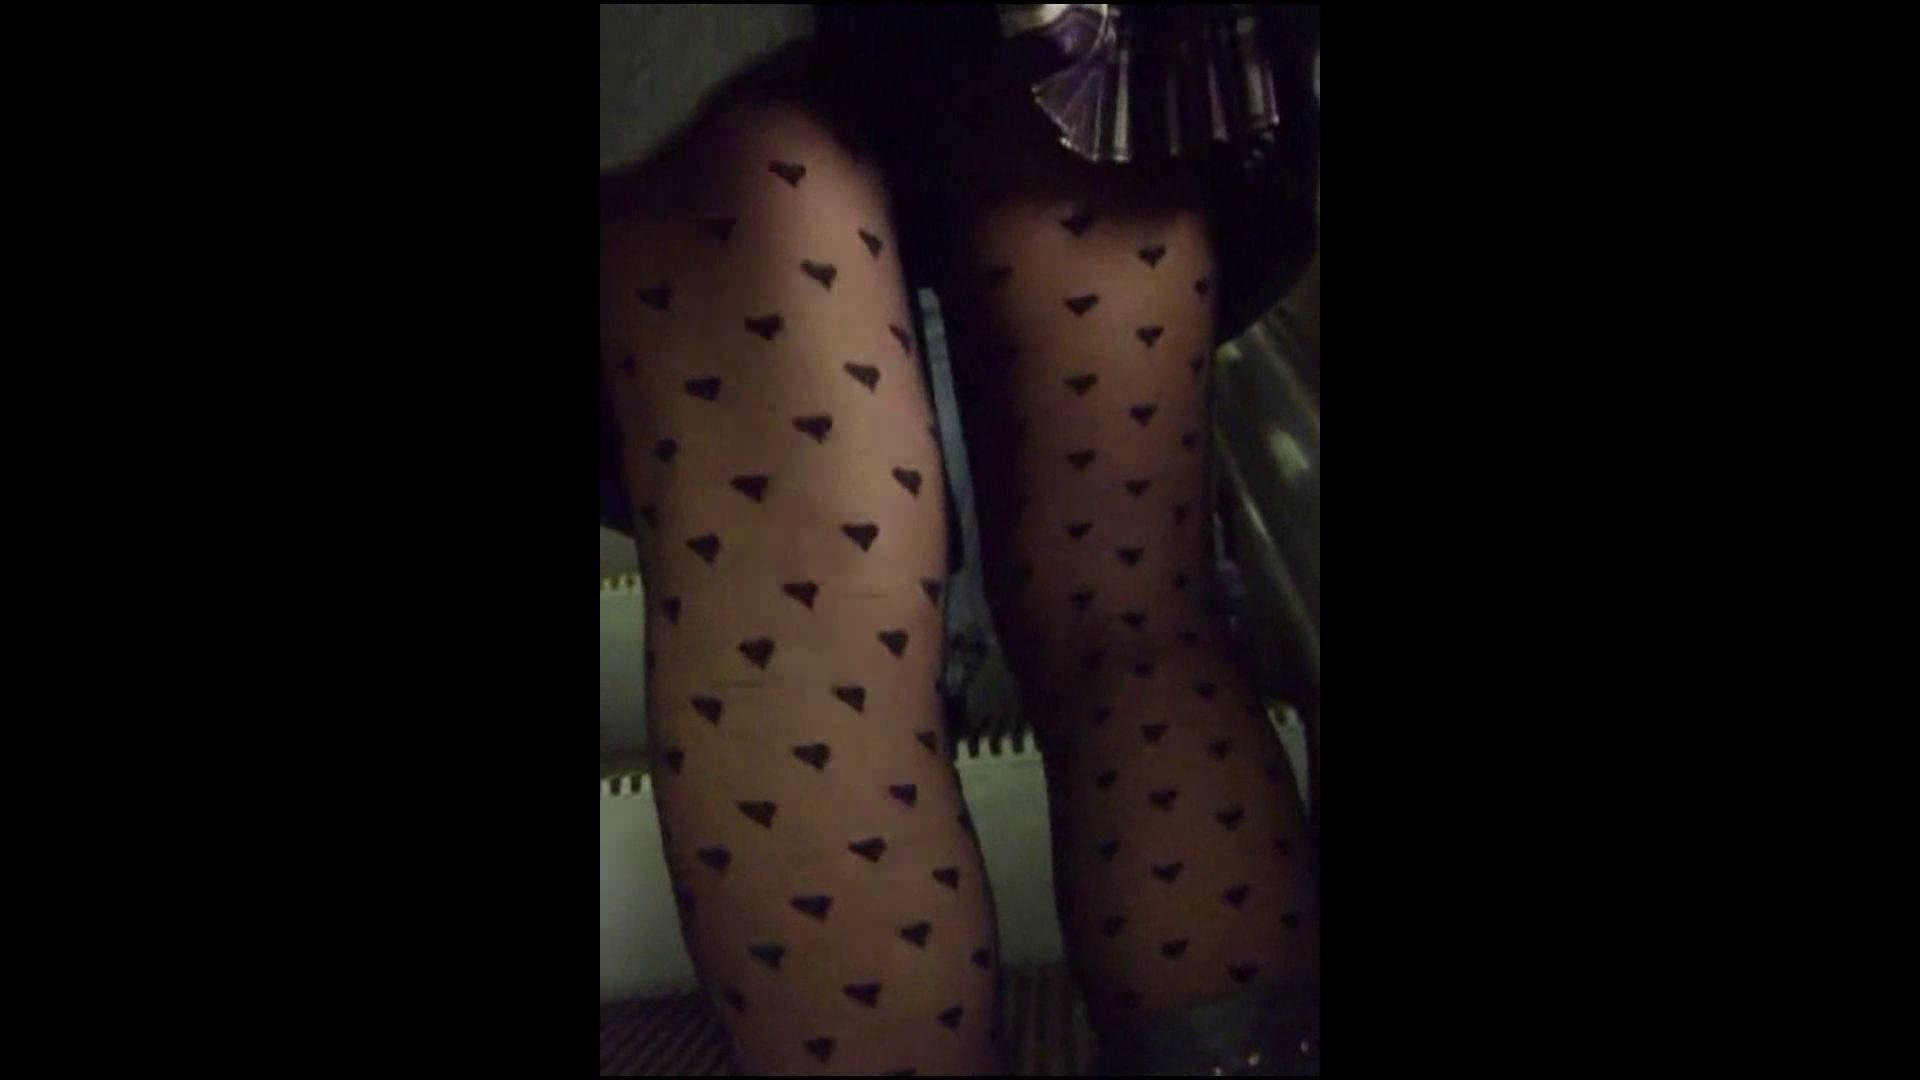 綺麗なモデルさんのスカート捲っちゃおう‼vol05 0  61pic 54